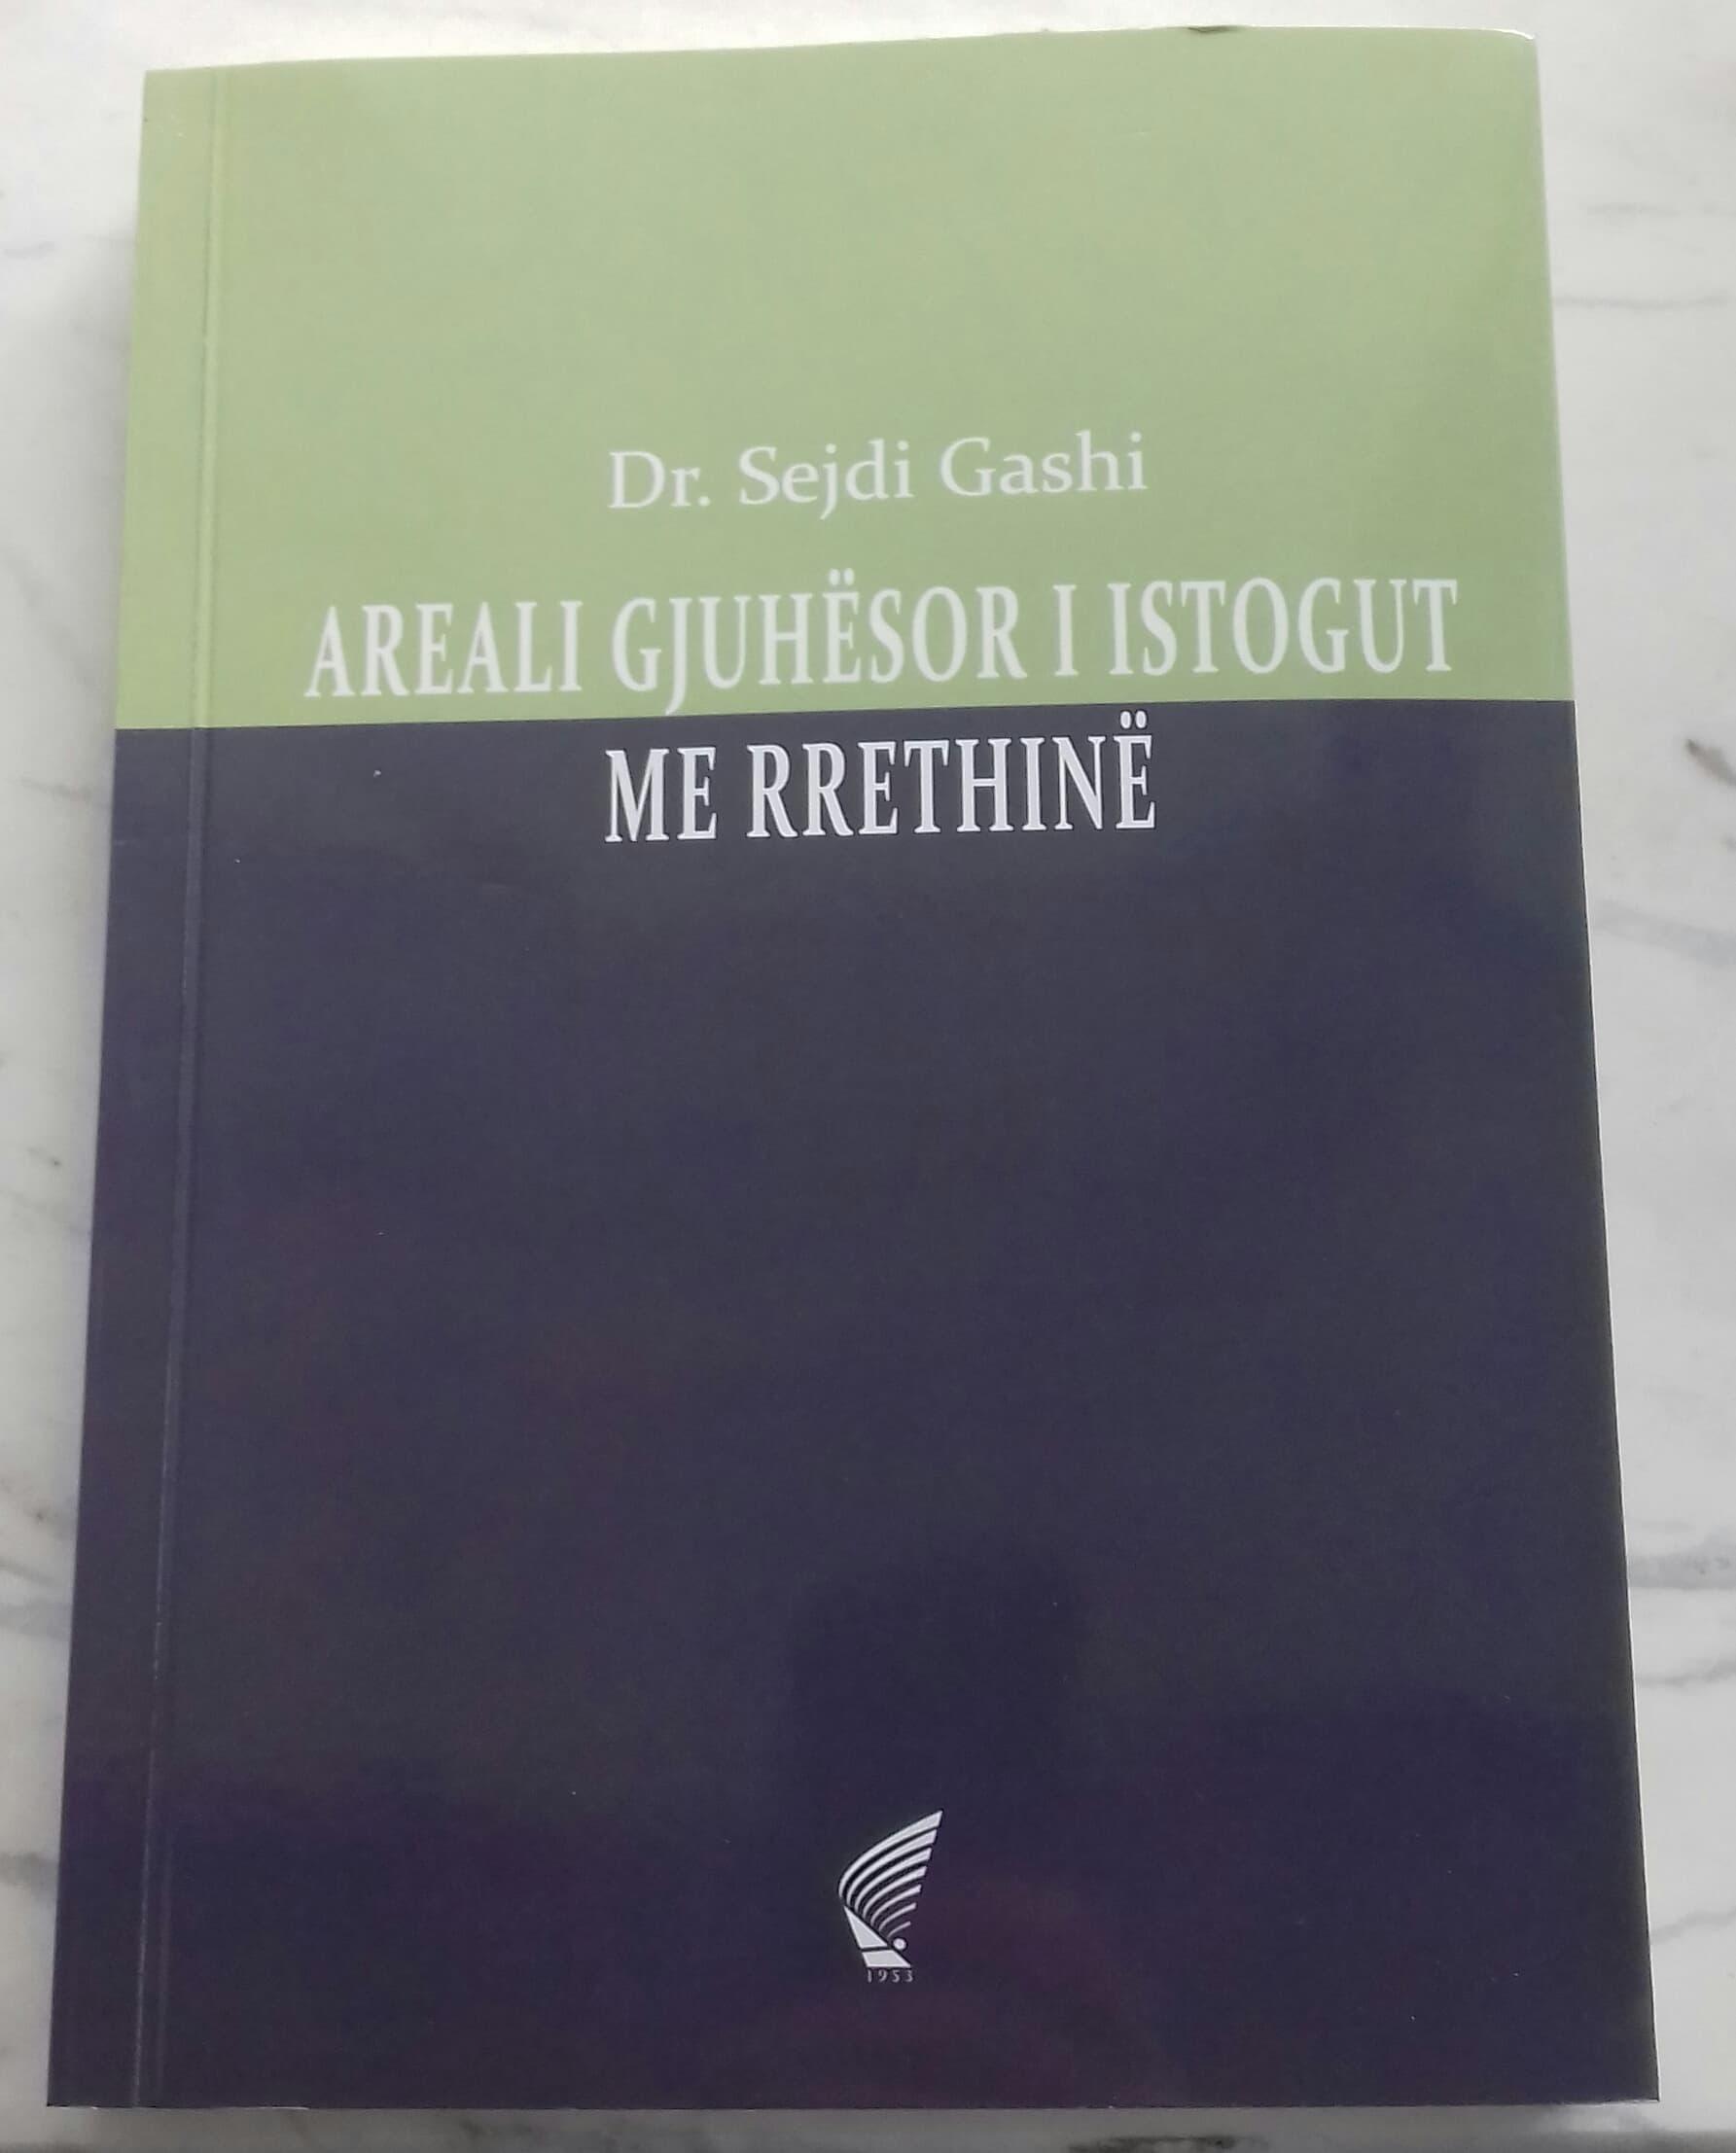 """Studimi monografik """"Areali gjuhësor i Istogut me rrethinë"""" i autorit Dr. Sejdi Gashi"""